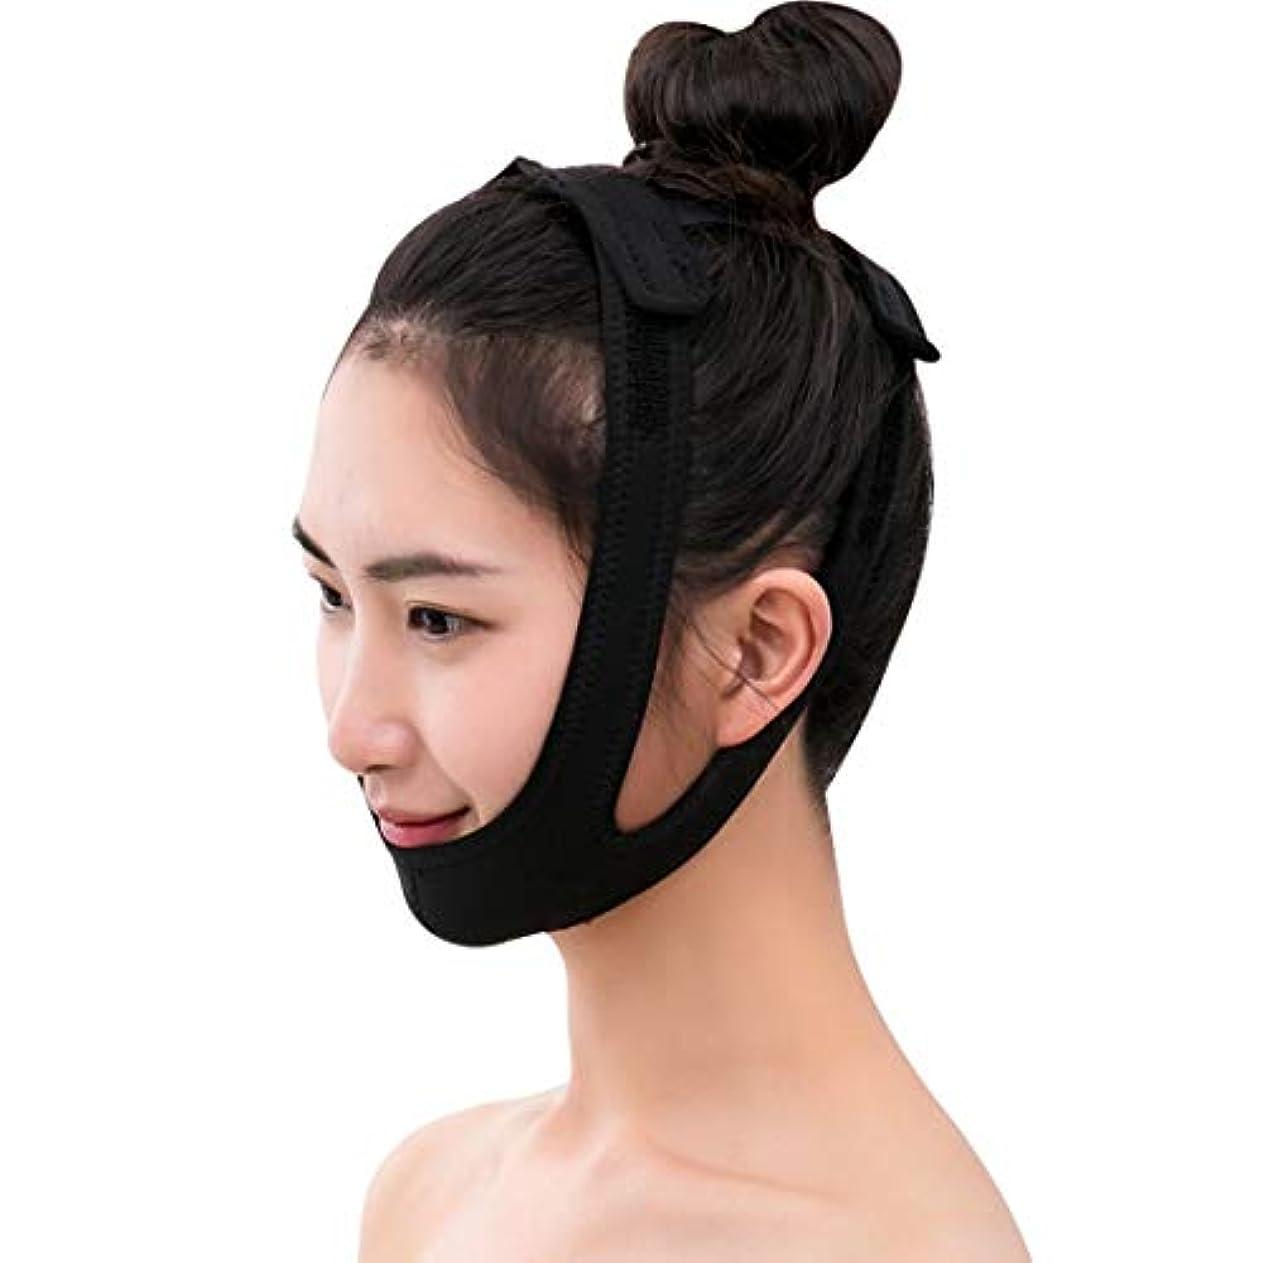 メッシュ批判する裁判所ZWBD フェイスマスク, フェイスリフティング包帯マスク小さなVフェイス包帯はツールで引くことができます睡眠薄い顔の顔の持ち上がる美顔のマッサージ調整可能なサイズブラック